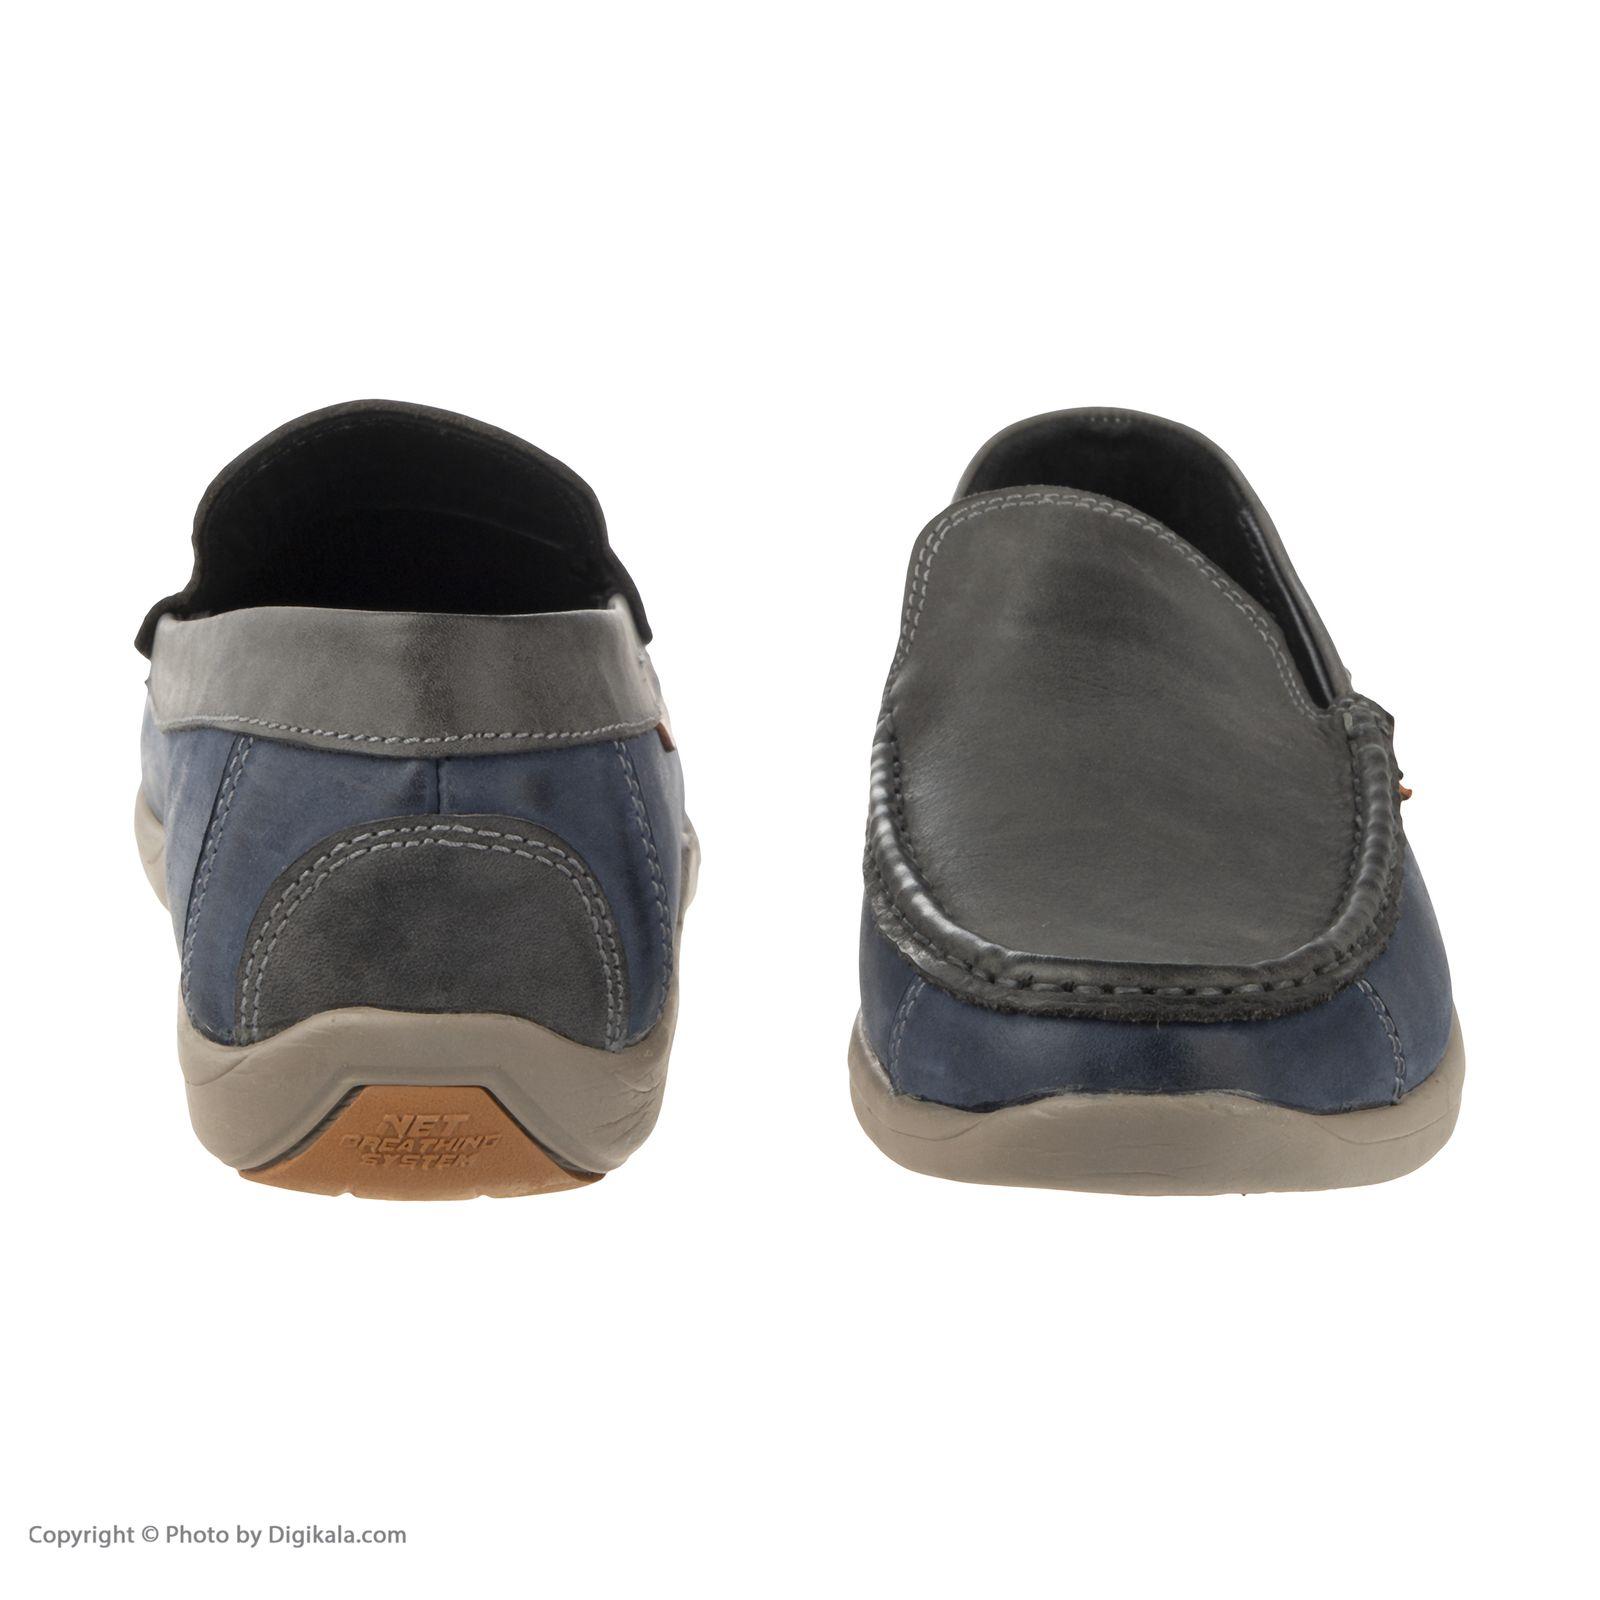 کفش روزمره مردانه سوته مدل 5059A503103 -  - 5